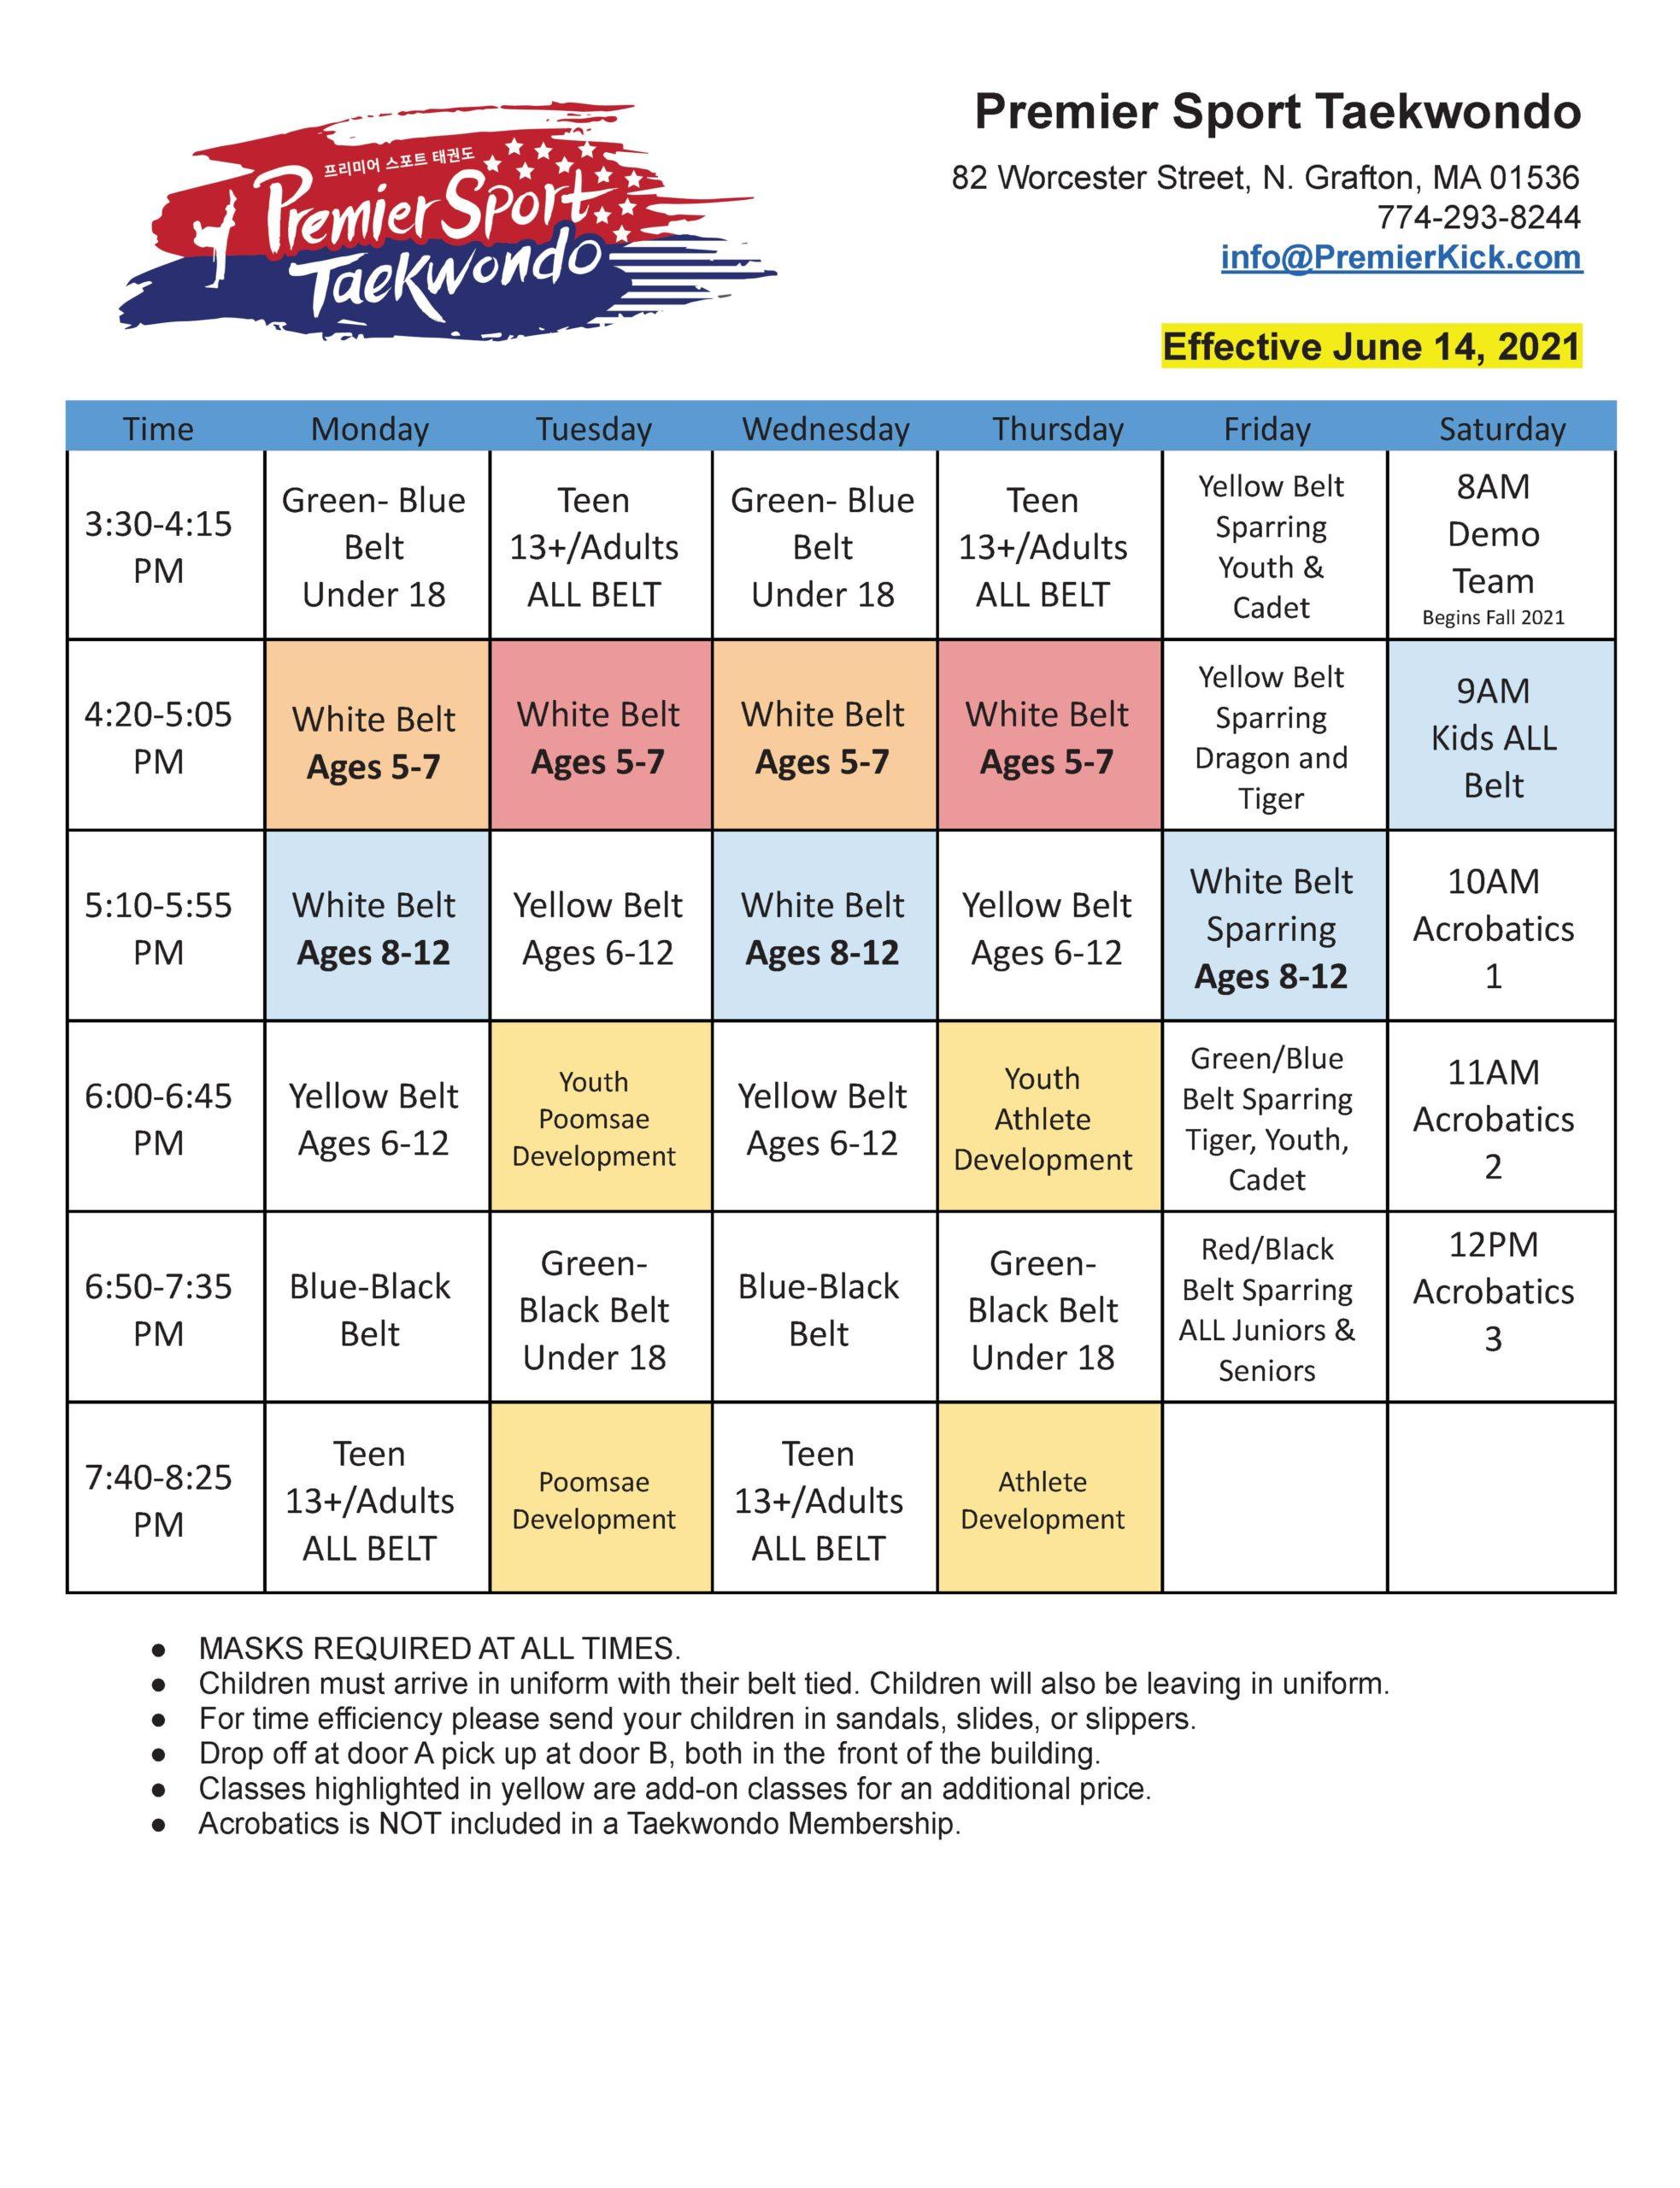 PSTKD Schedule